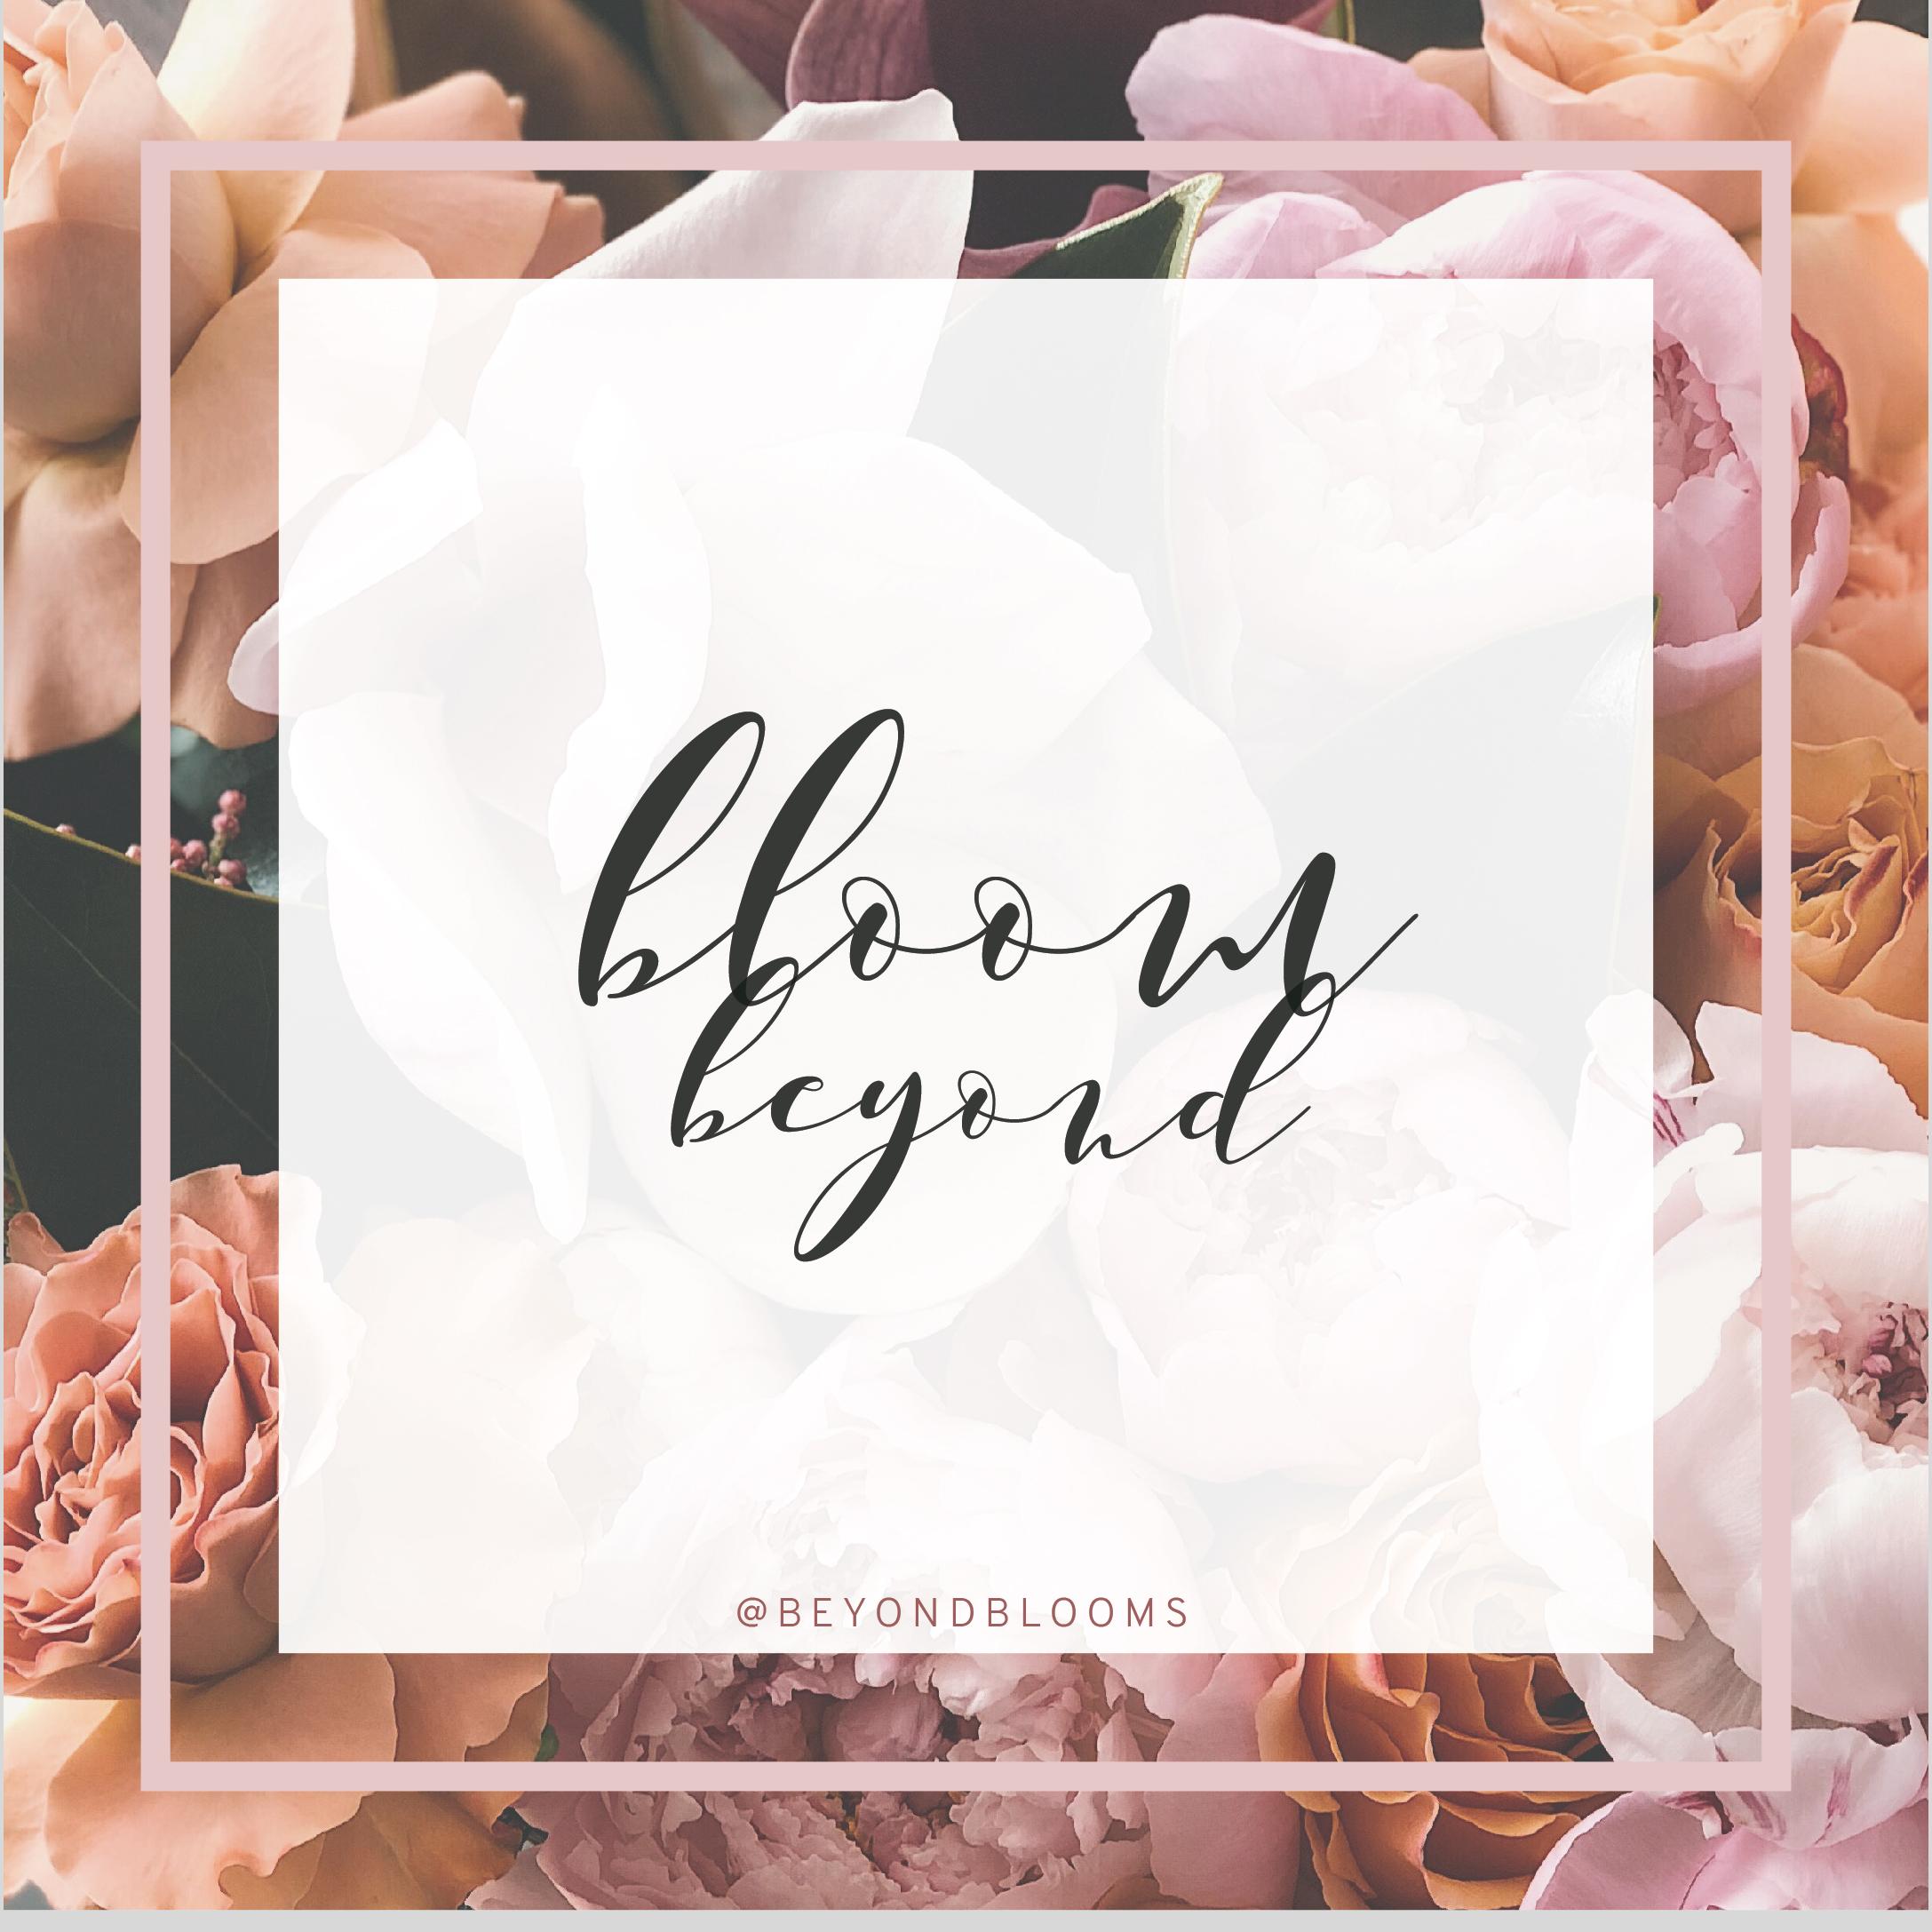 beyond blooms-10.jpg